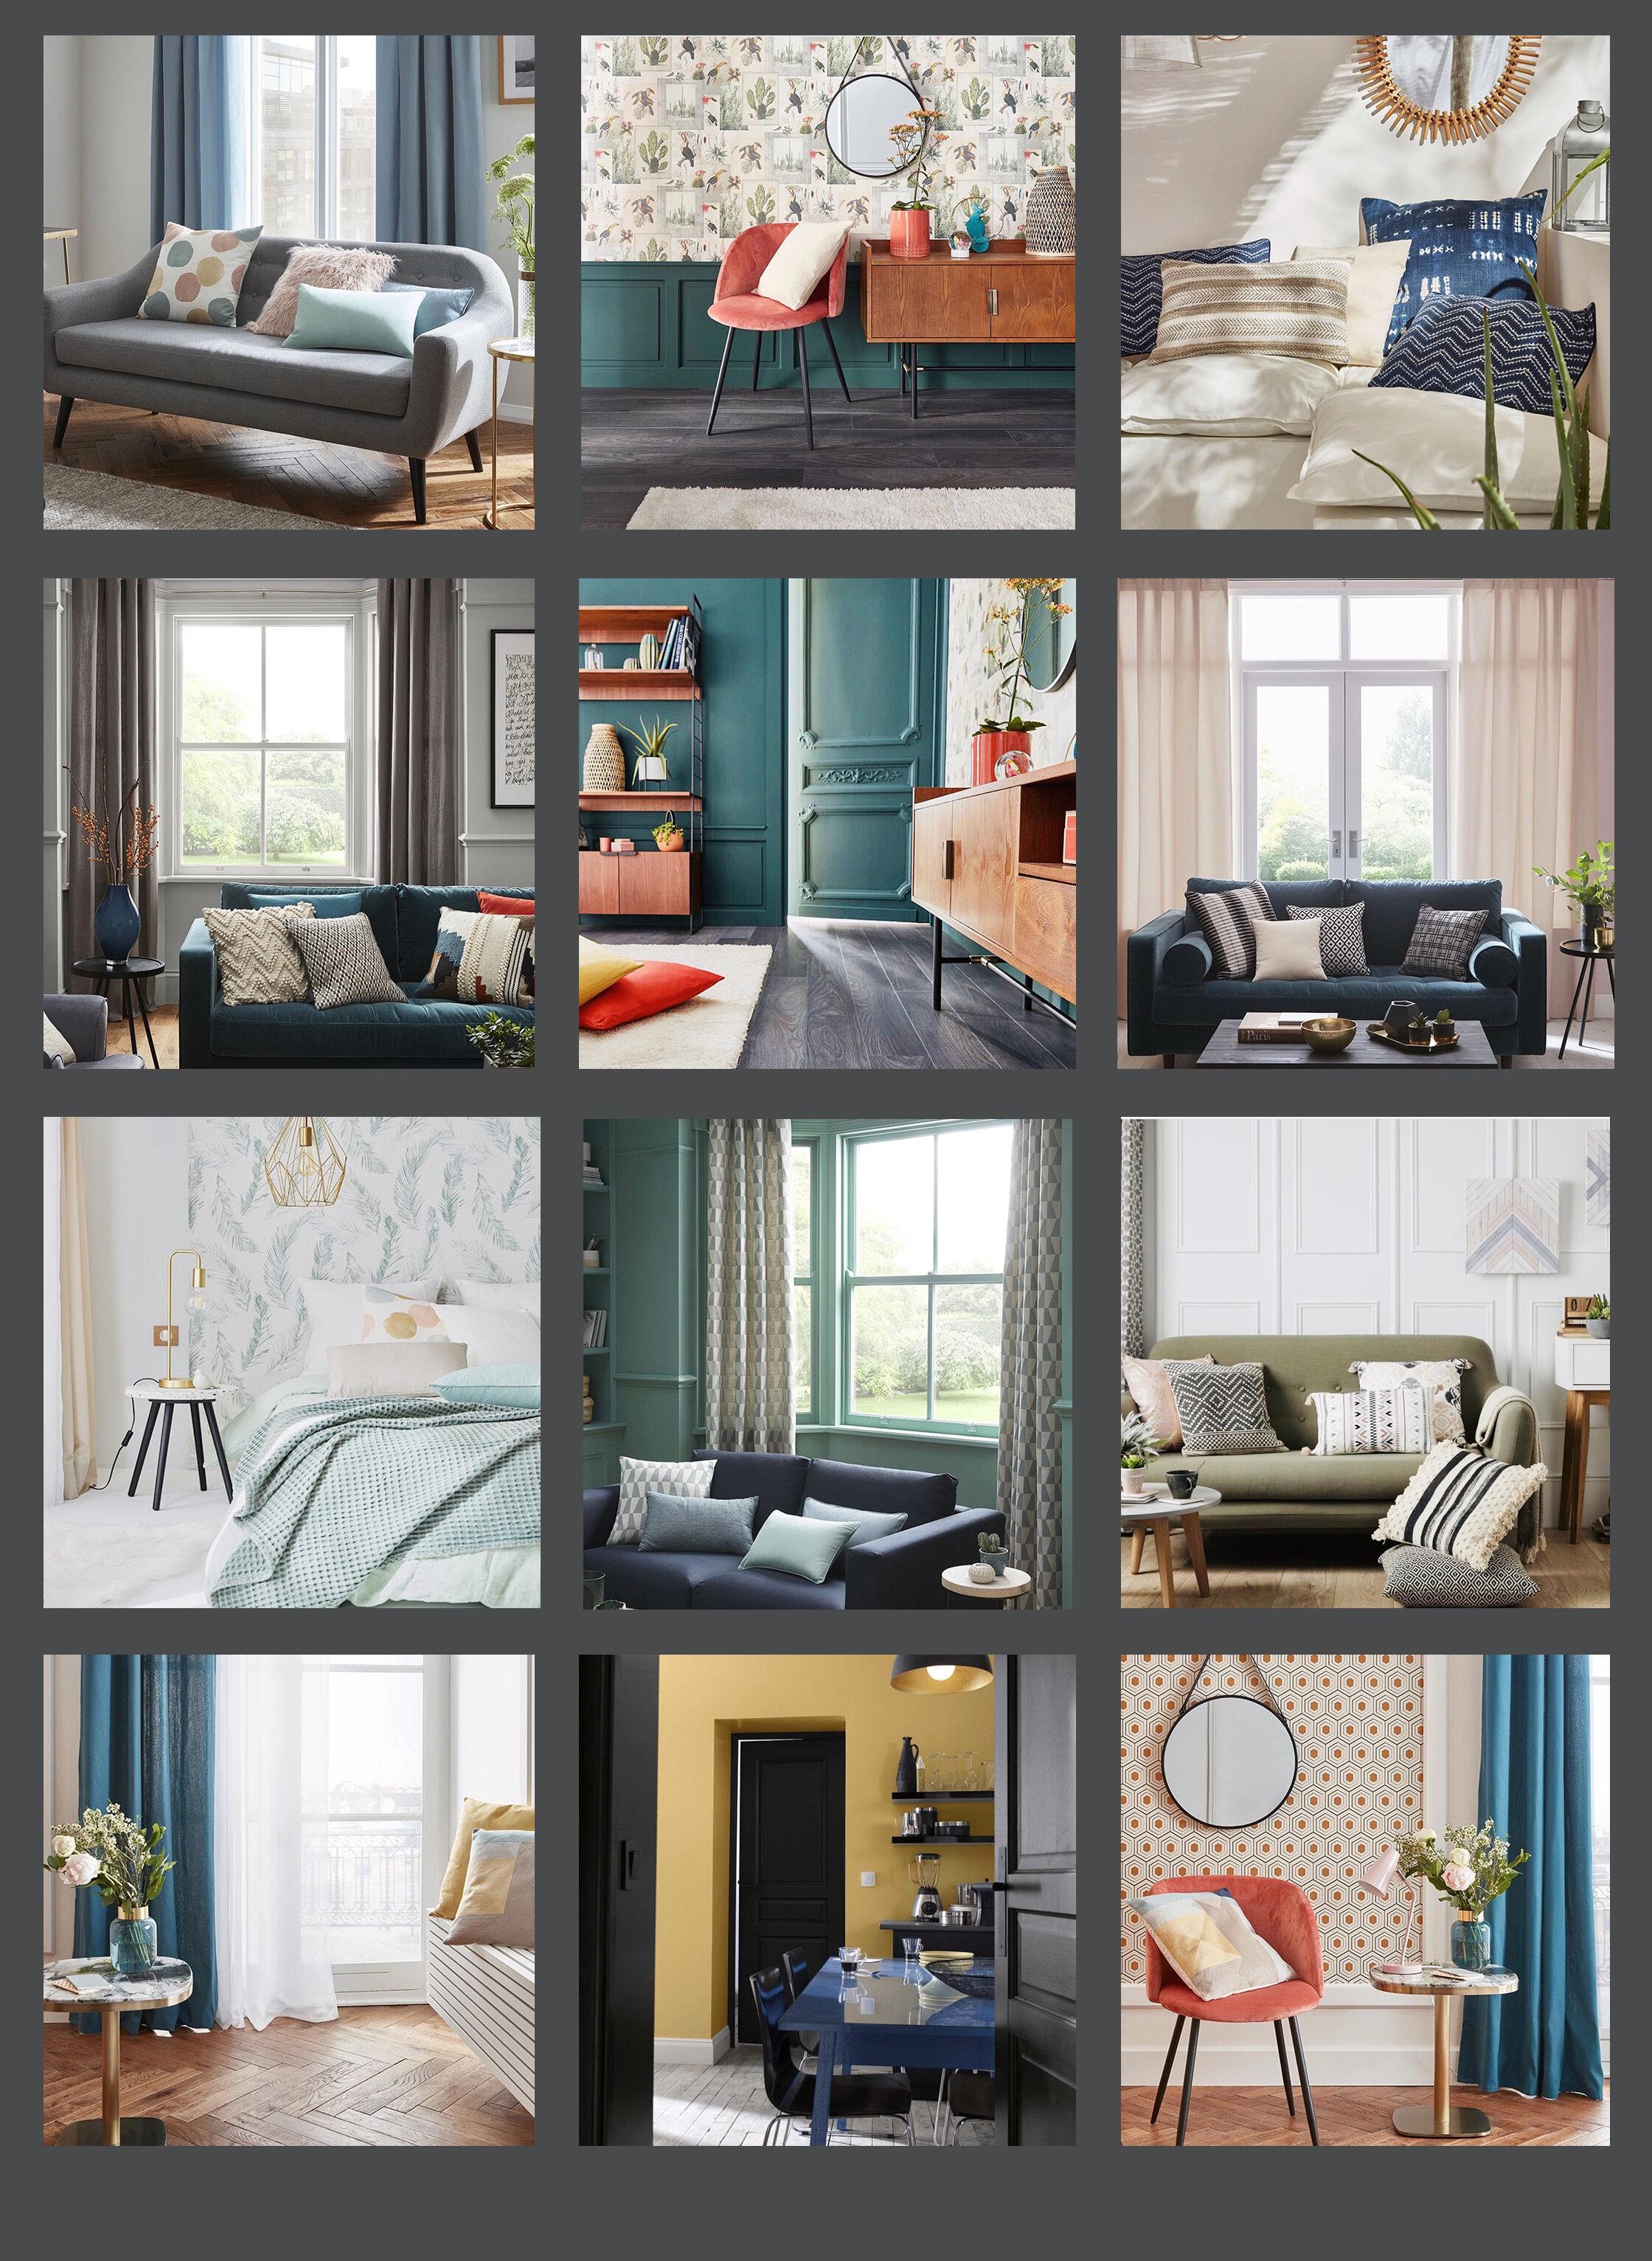 kingfisher_interiors.jpg